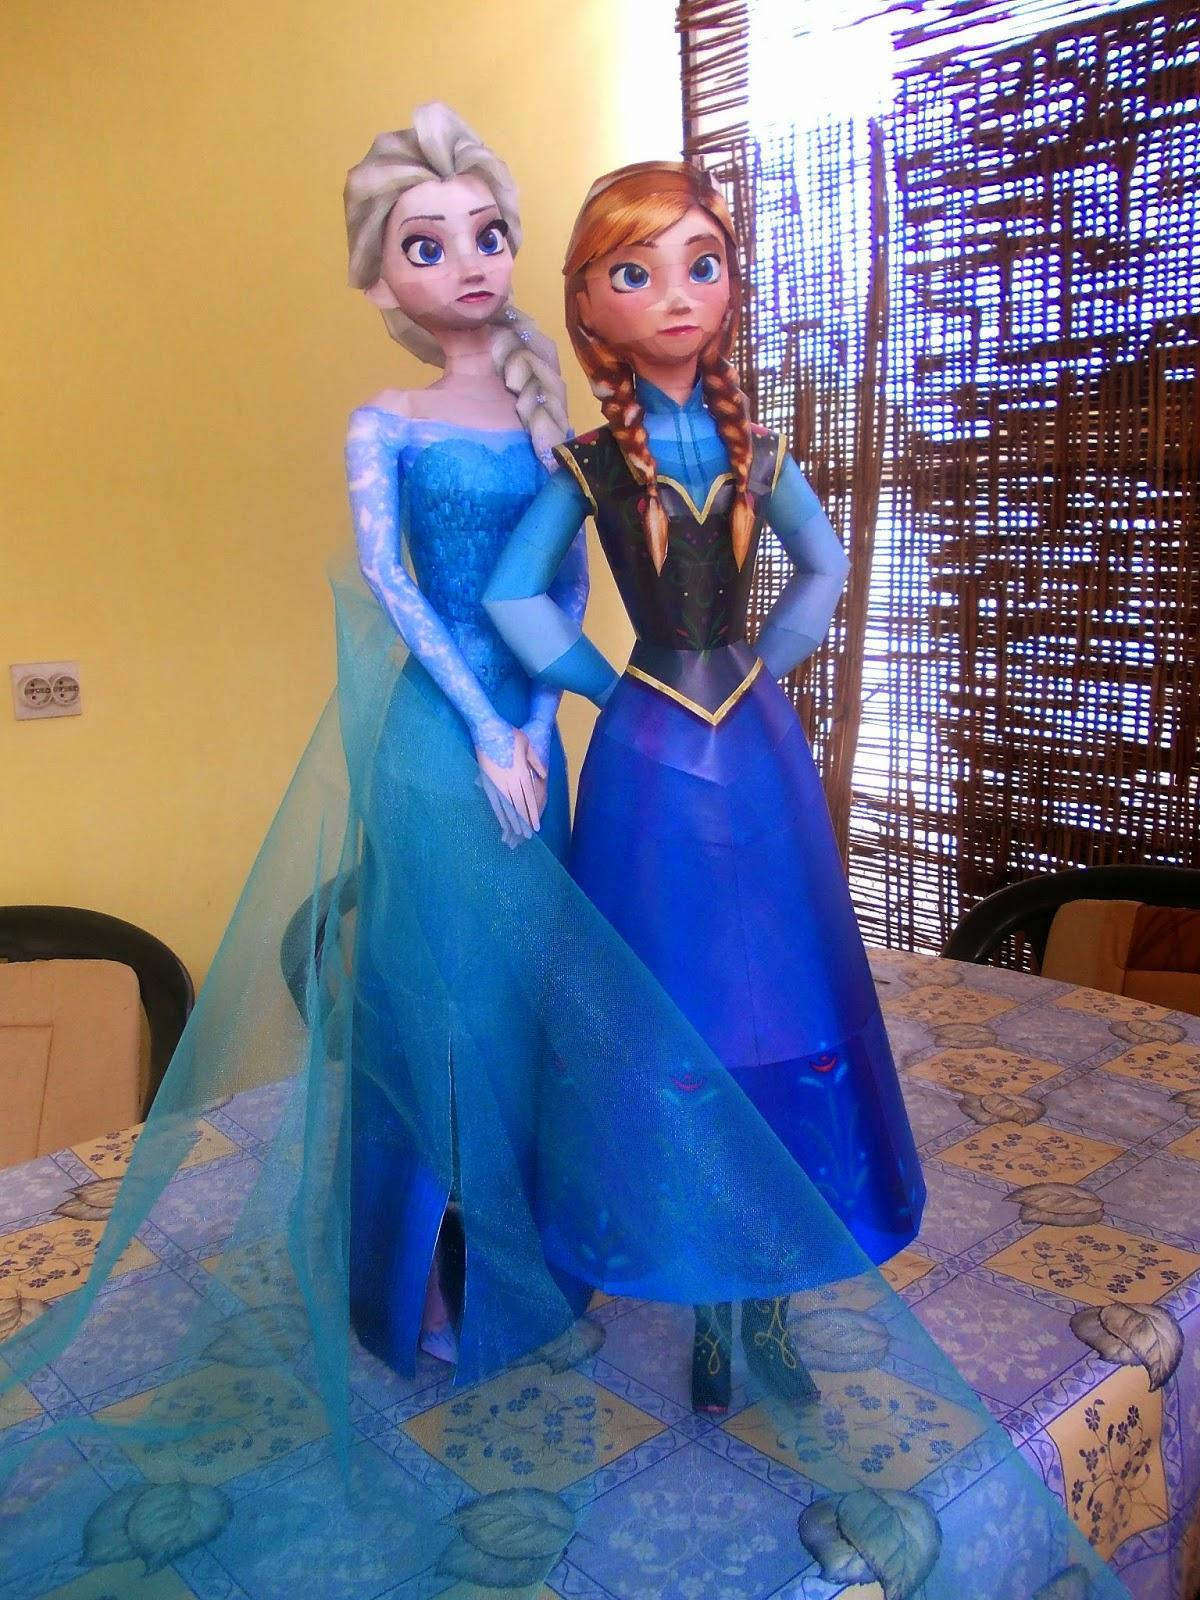 Sabi96 Papercraft Box Elsa The Snow Queen Frozen